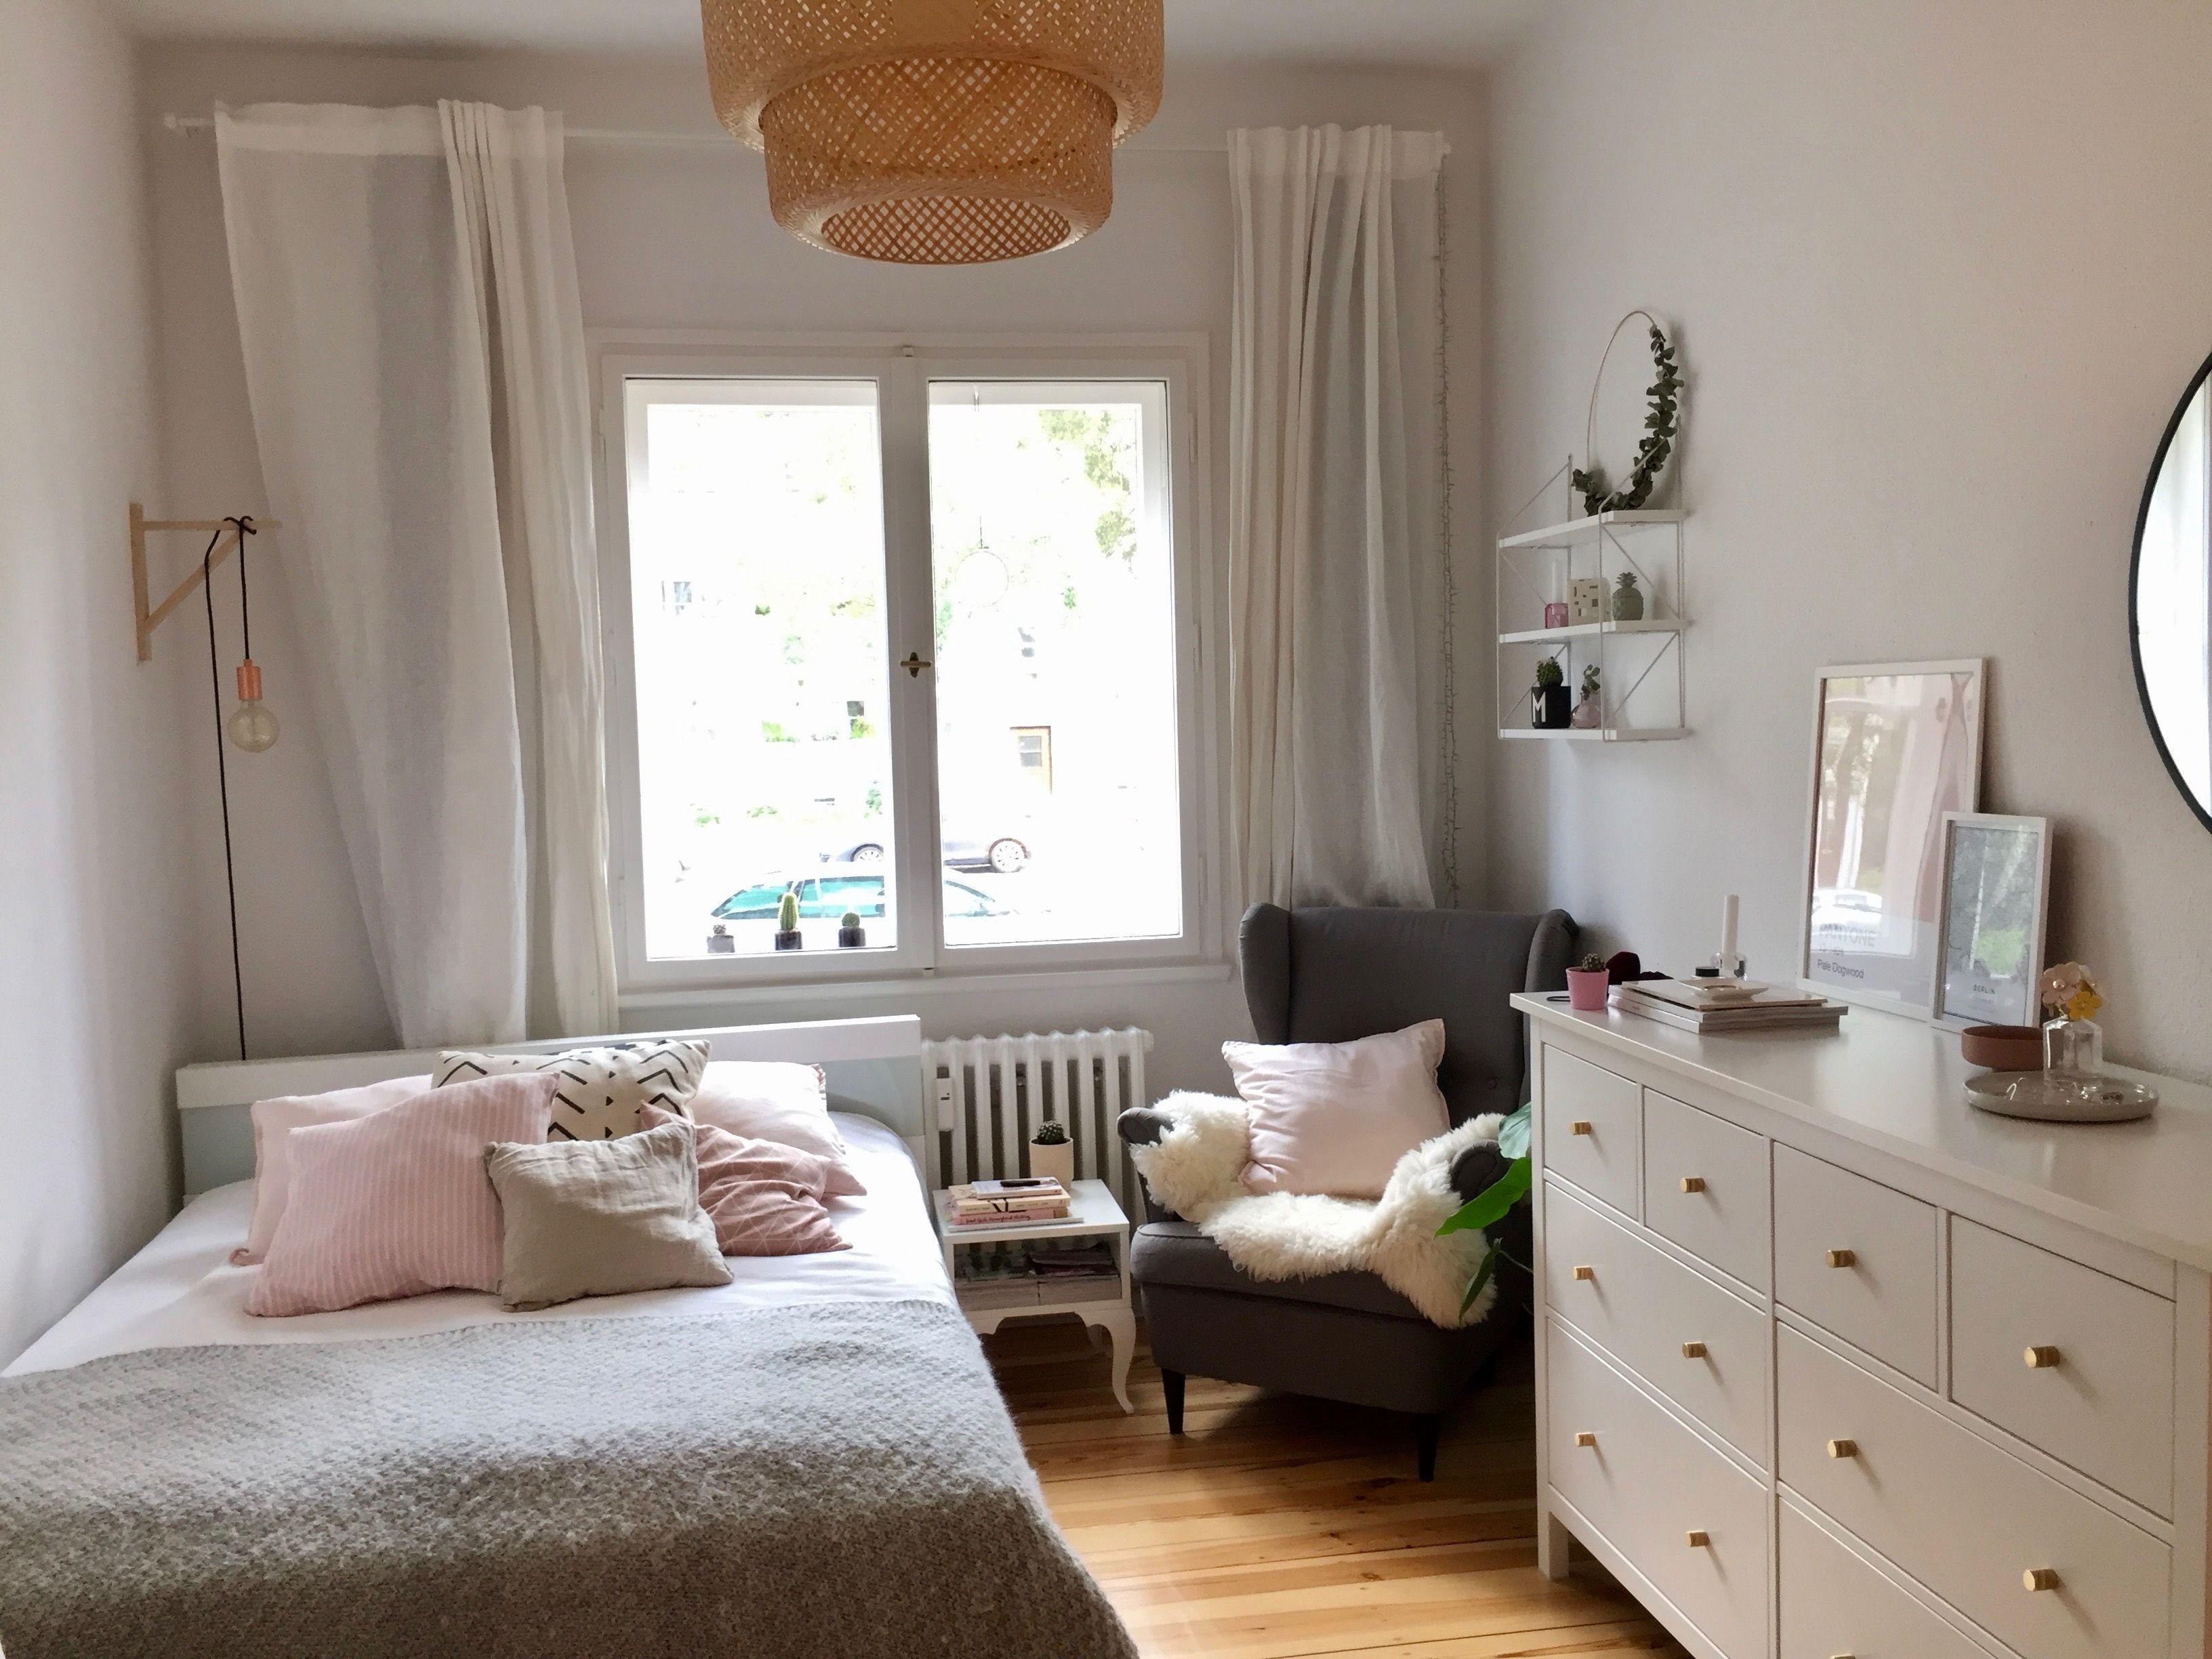 Berliner Madchen Wg Zimmer Wg Zimmer Wg Zimmer Einrichten Ideen Zimmer Einrichten